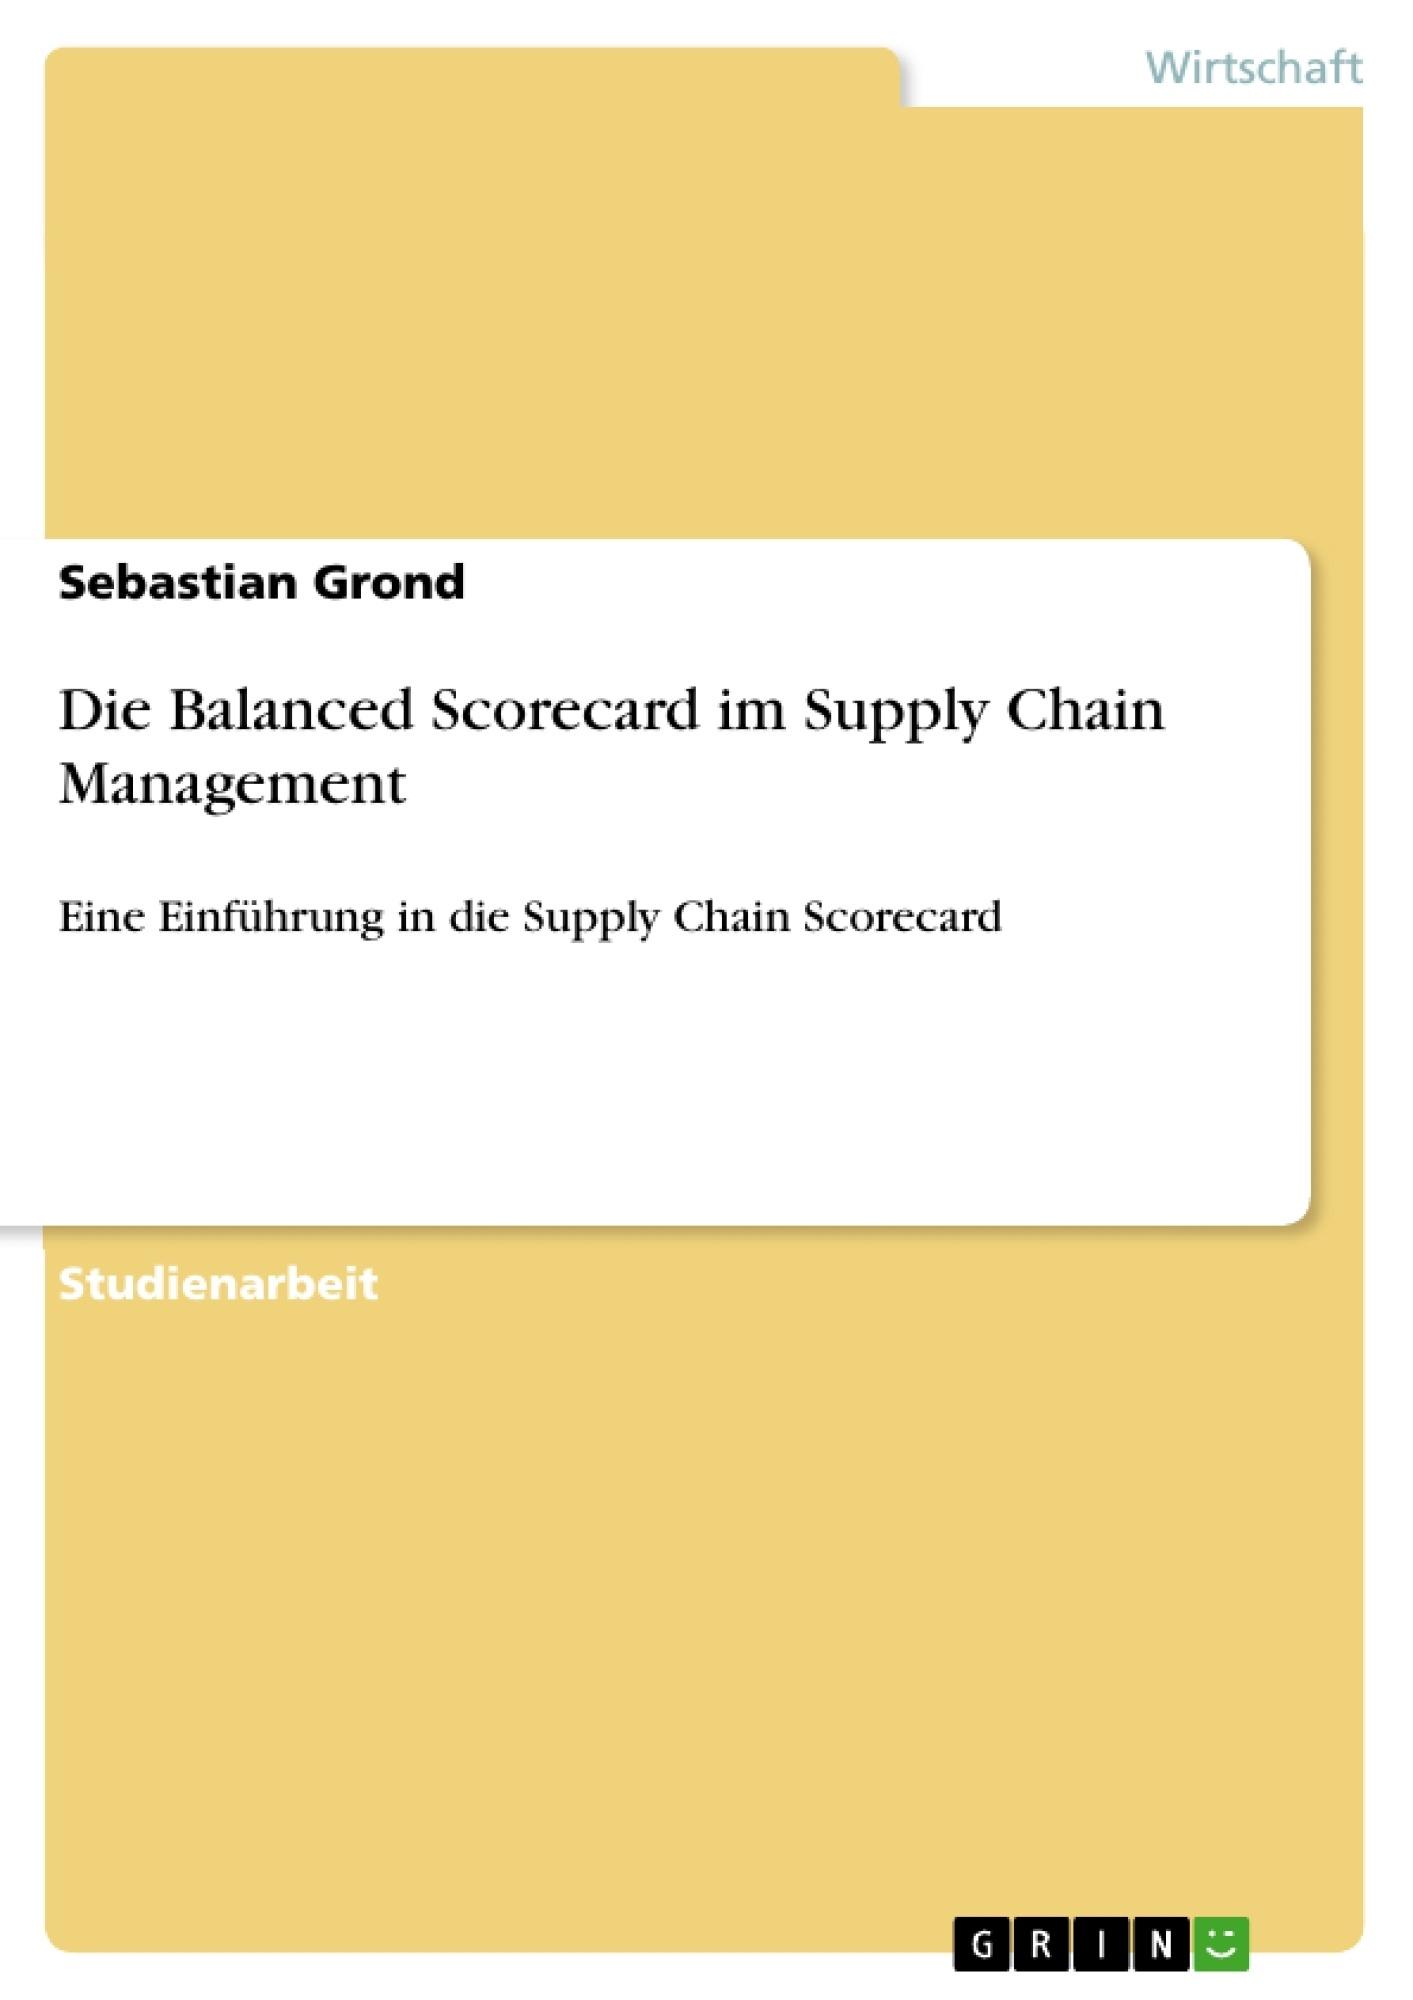 Titel: Die Balanced Scorecard im Supply Chain Management